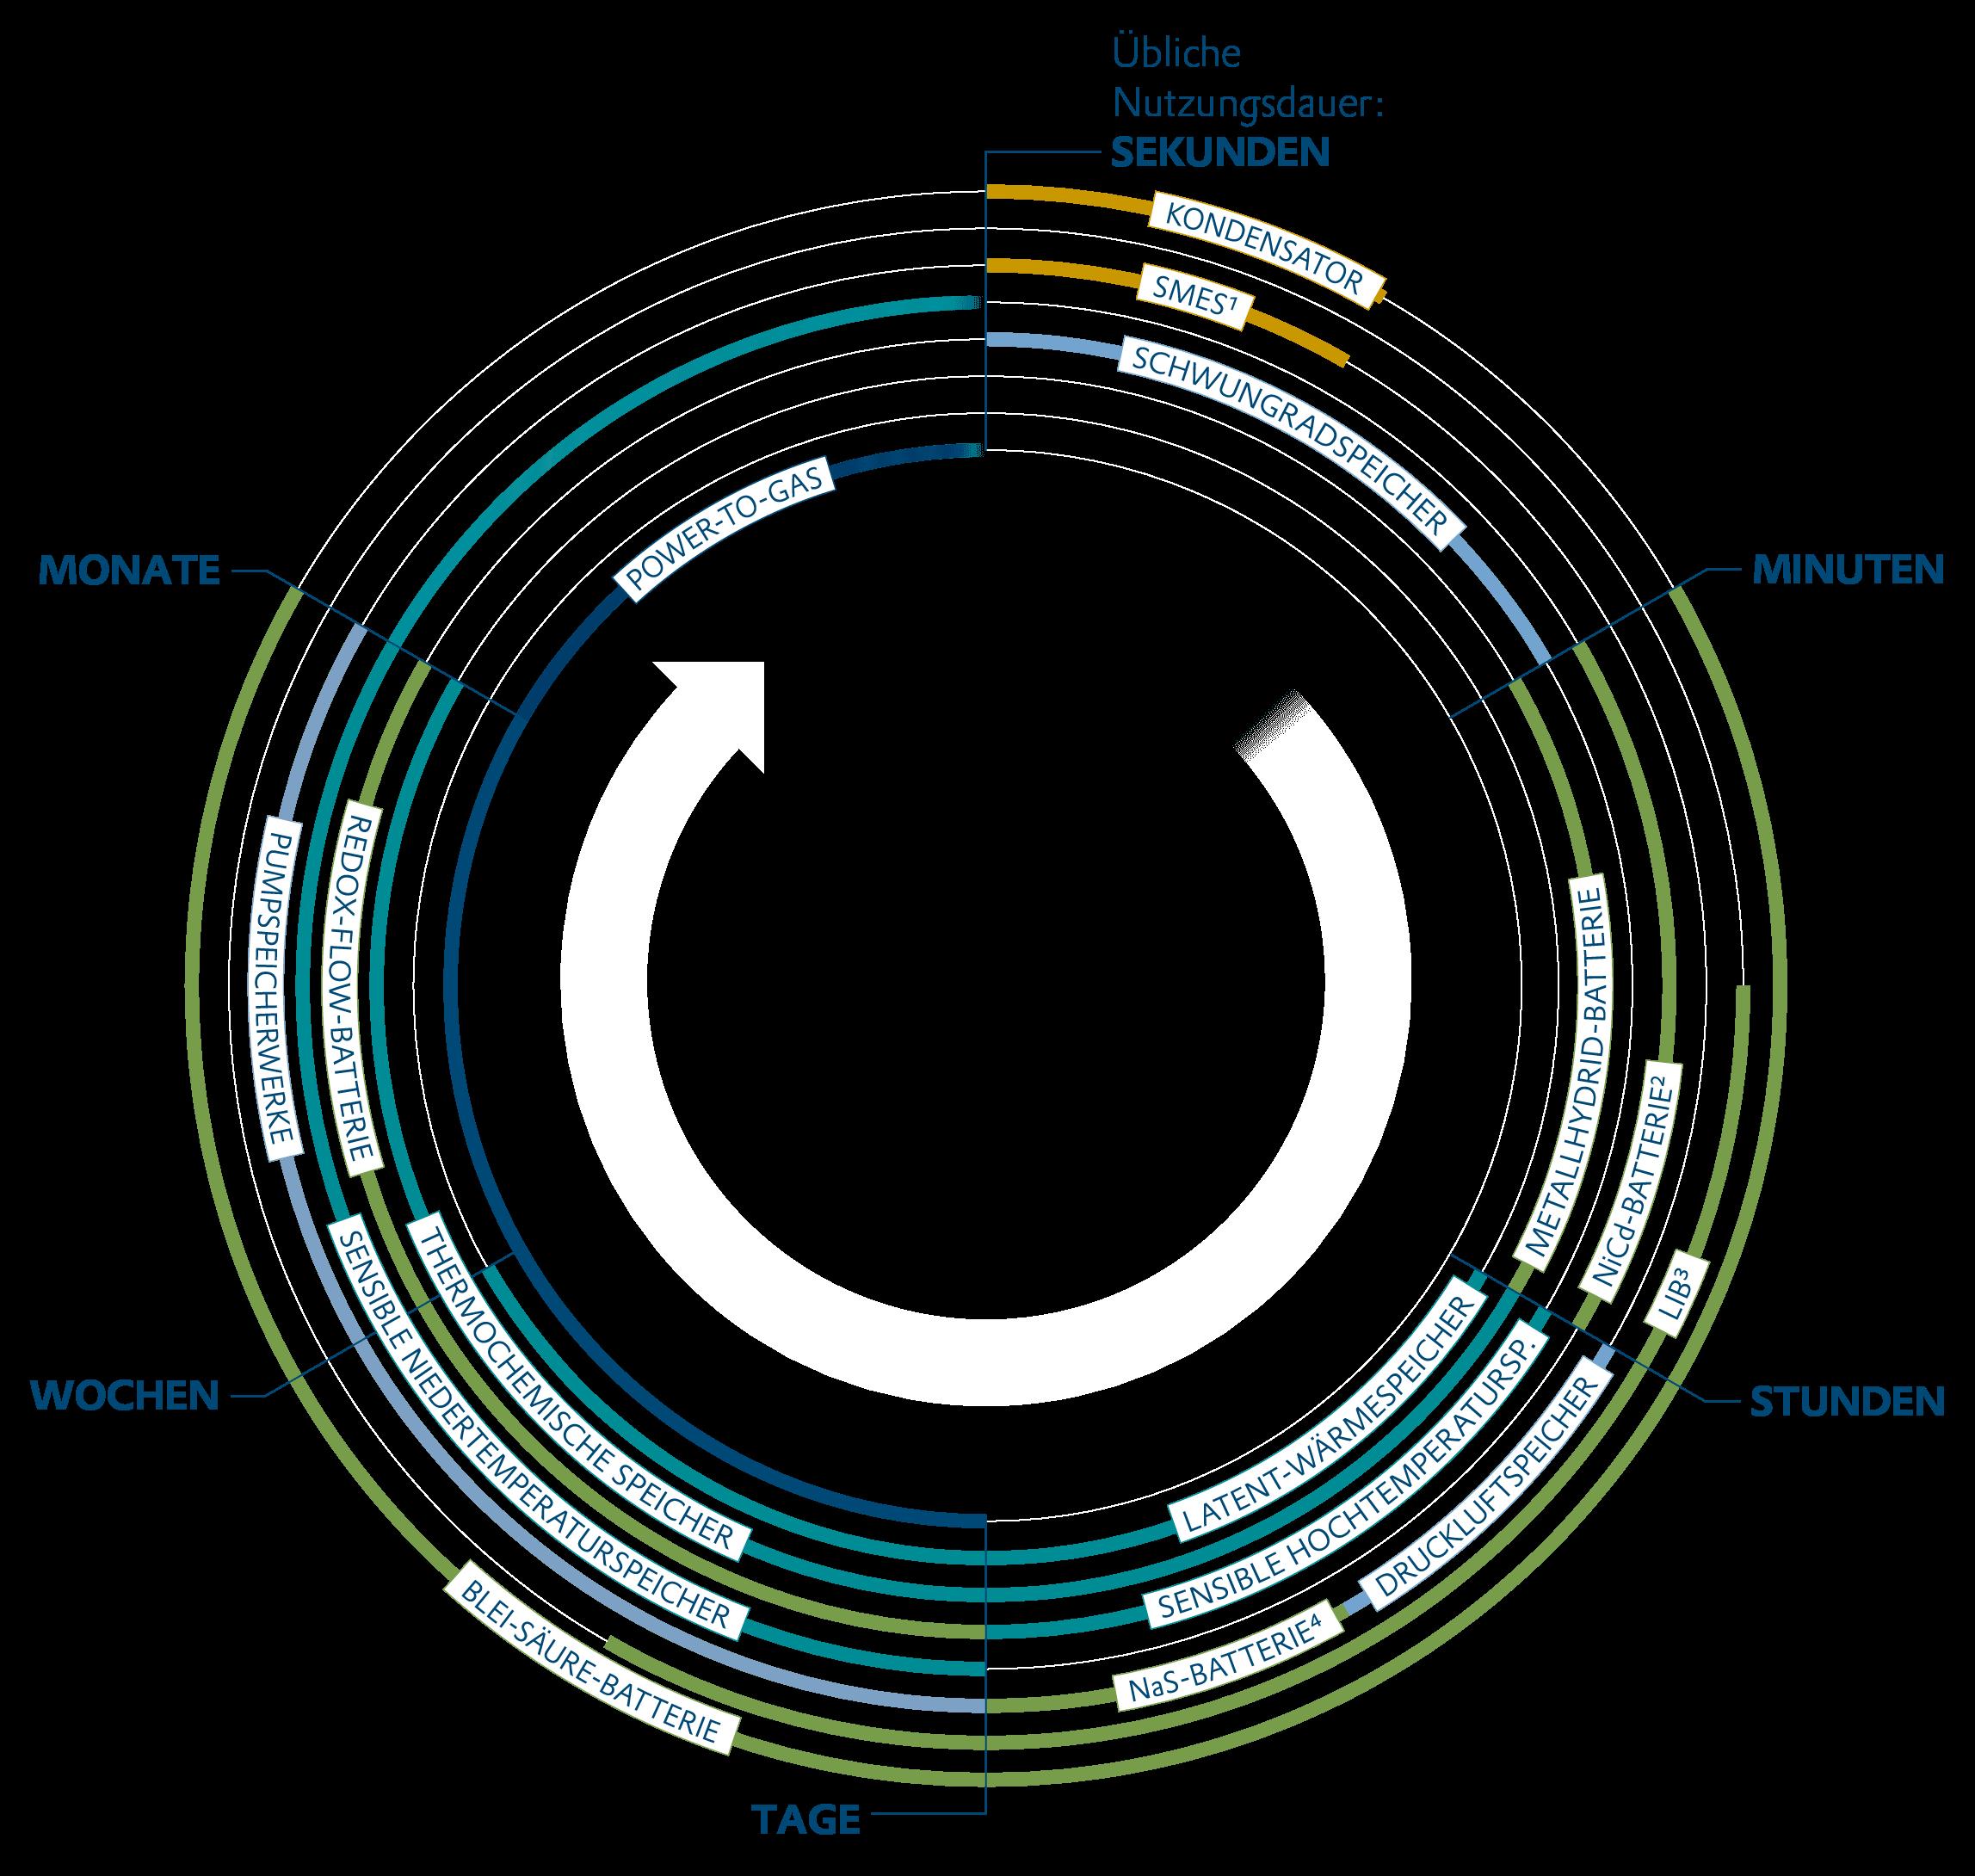 Übliche Nutzungsdauer von Energiespeichern